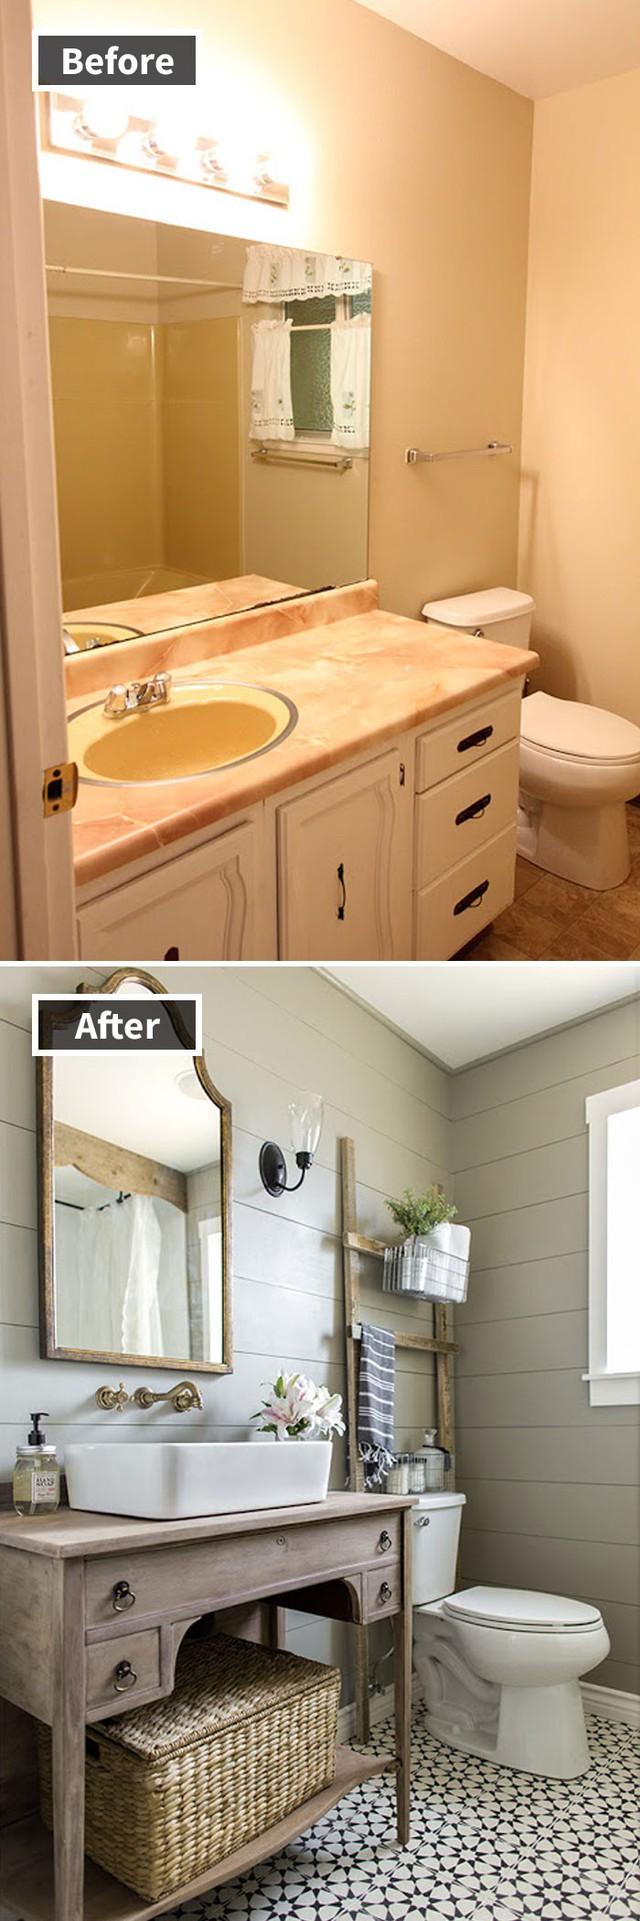 Một căn phòng tắm được thay da đổi thịt, trở nên sáng sủa và mát mẻ biết bao chỉ bằng cách thay đổi màu sắc và đồ trang trí.